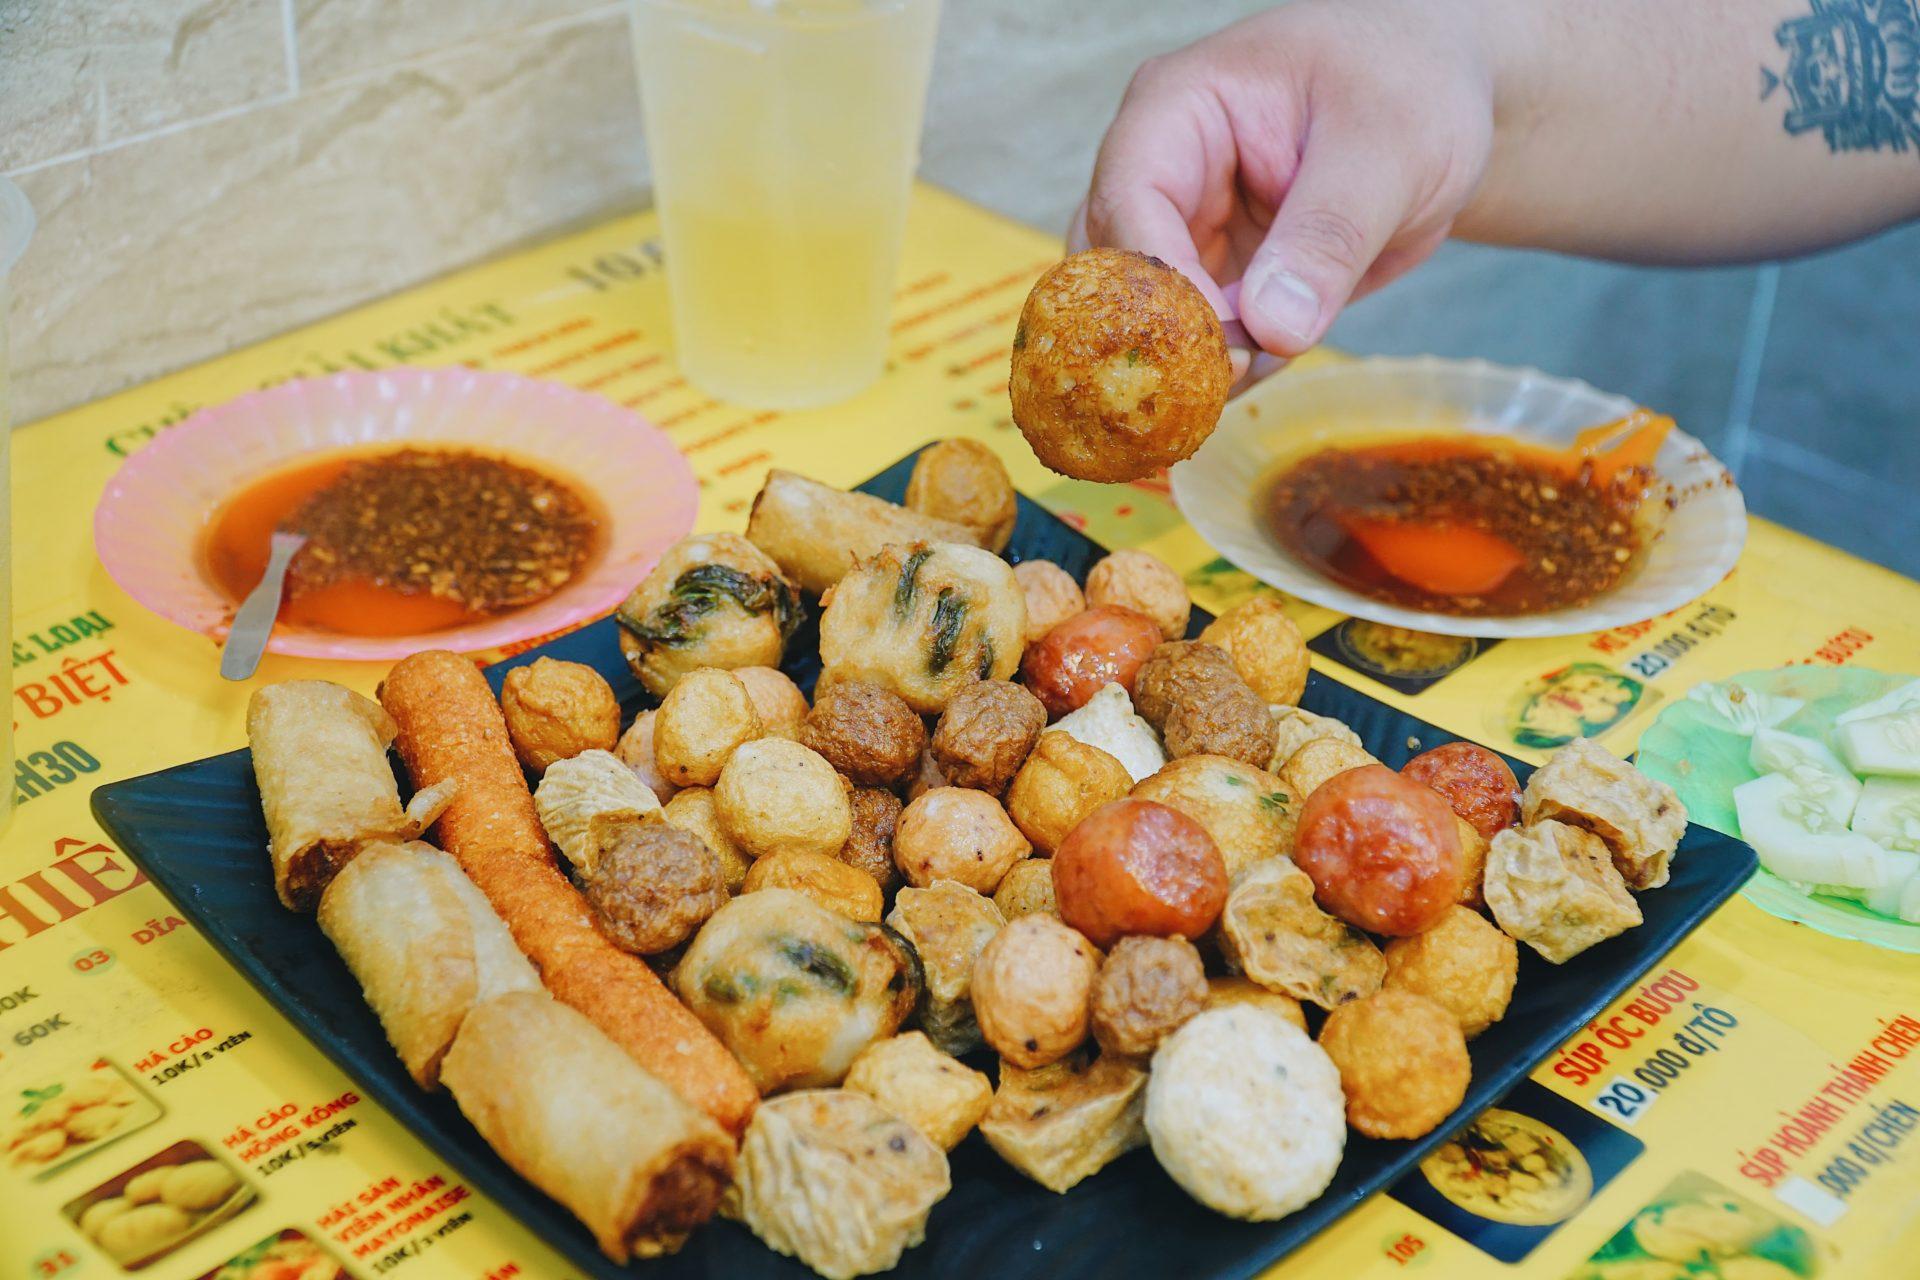 Top 6 quán ăn vặt quận 10 ngon rẻ được nhiều người biết đến - 4